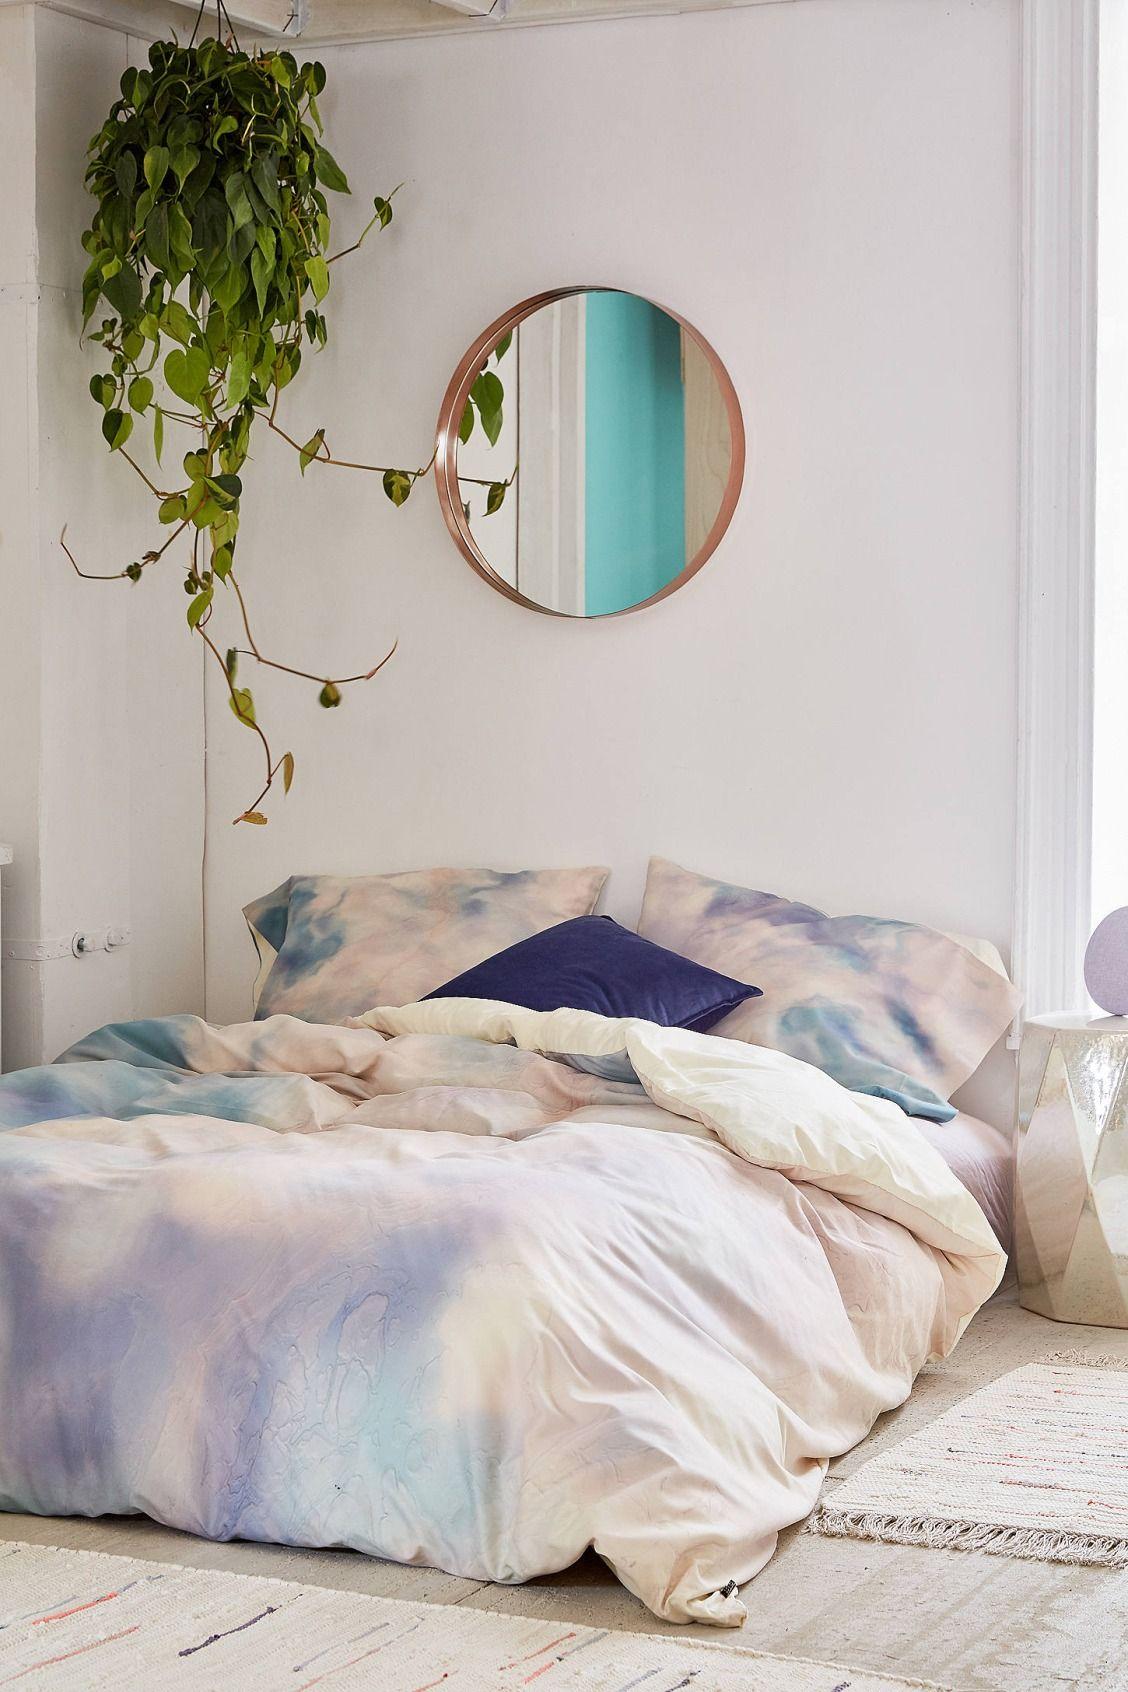 chelsea victoria for deny unicorn marble duvet cover  duvet  - chelsea victoria for deny unicorn marble duvet cover